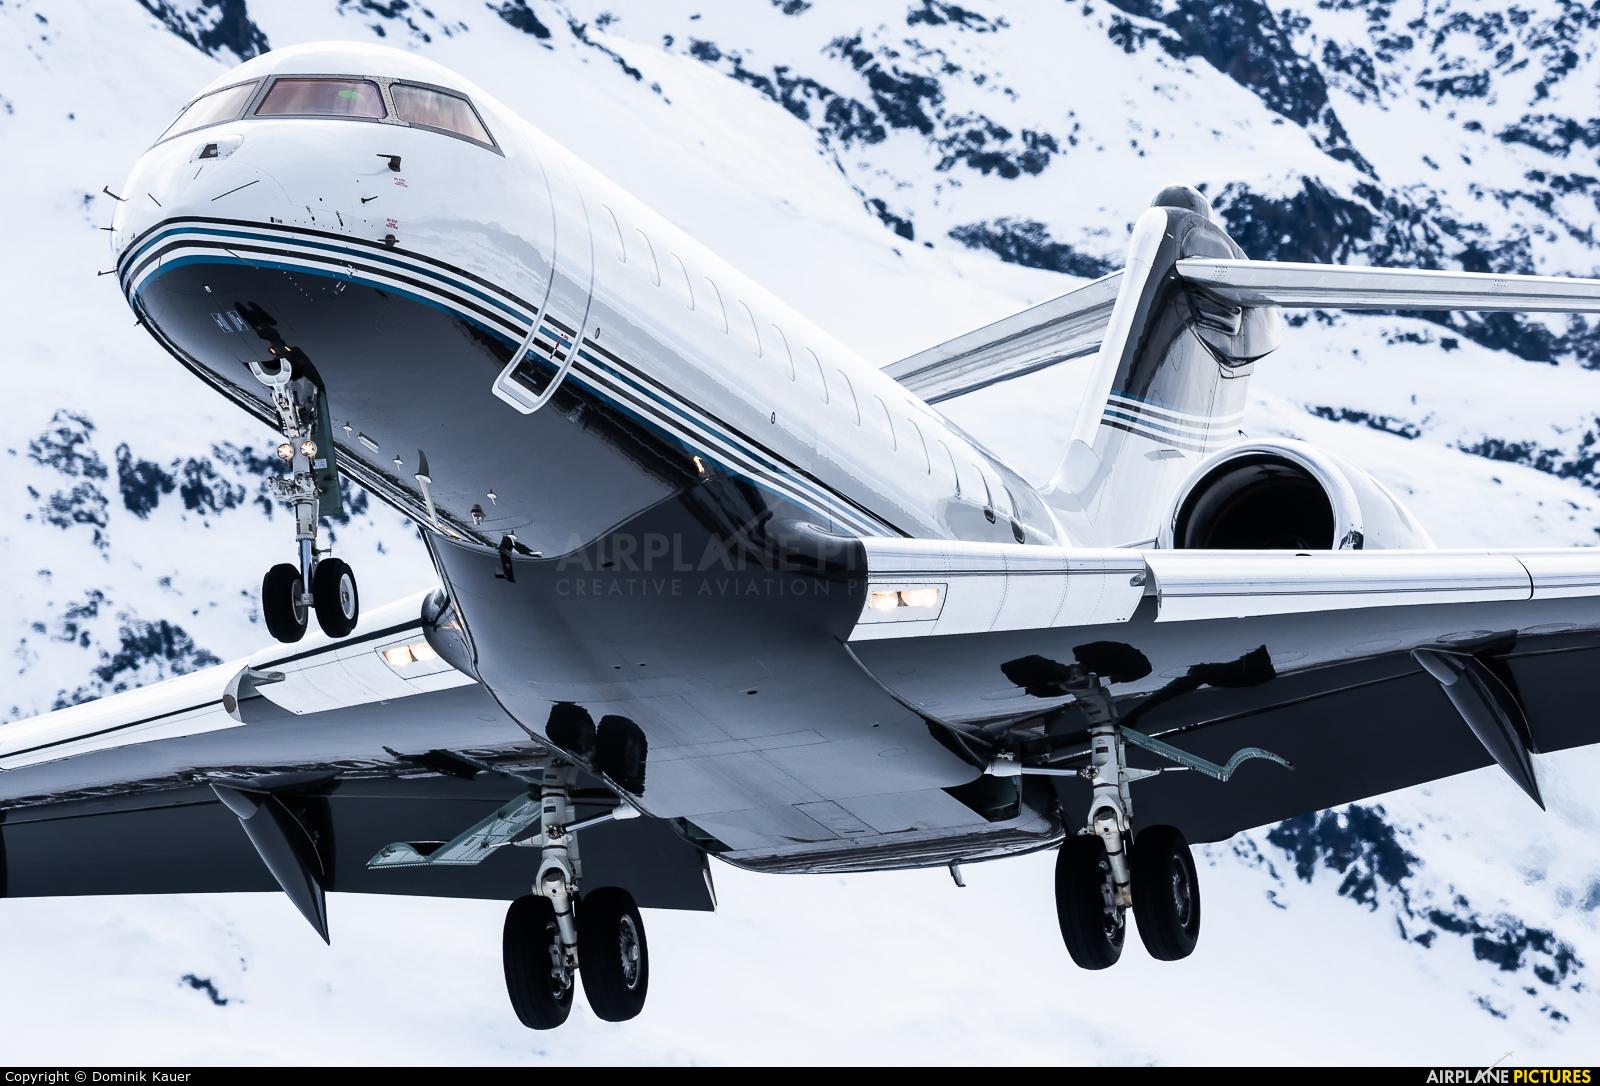 Private G-GLOB aircraft at Samedan - Engadin